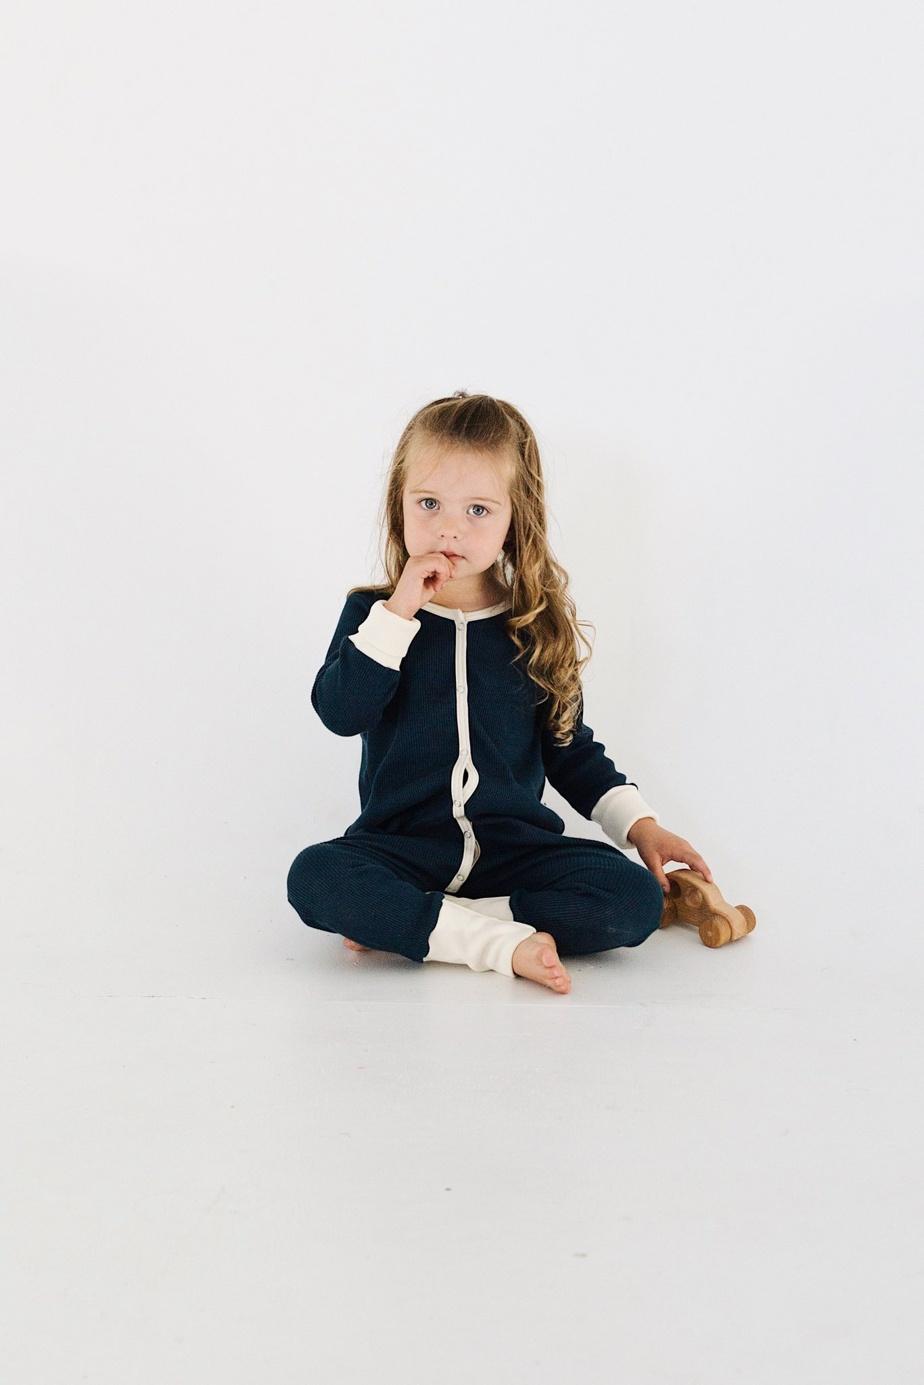 La marque montréalaise O'Lou crée de jolies pièces unisexes pour enfants, composées de coton biologique. Tout est conçu et fabriqué ici. On craque pour les «rompers», parfaits pour la nuit comme le jour, en coton gaufré, avec boutons pression à l'avant. Prix: 59$ (tailles de 0-12mois jusqu'à 3-5ans), offert enligne.